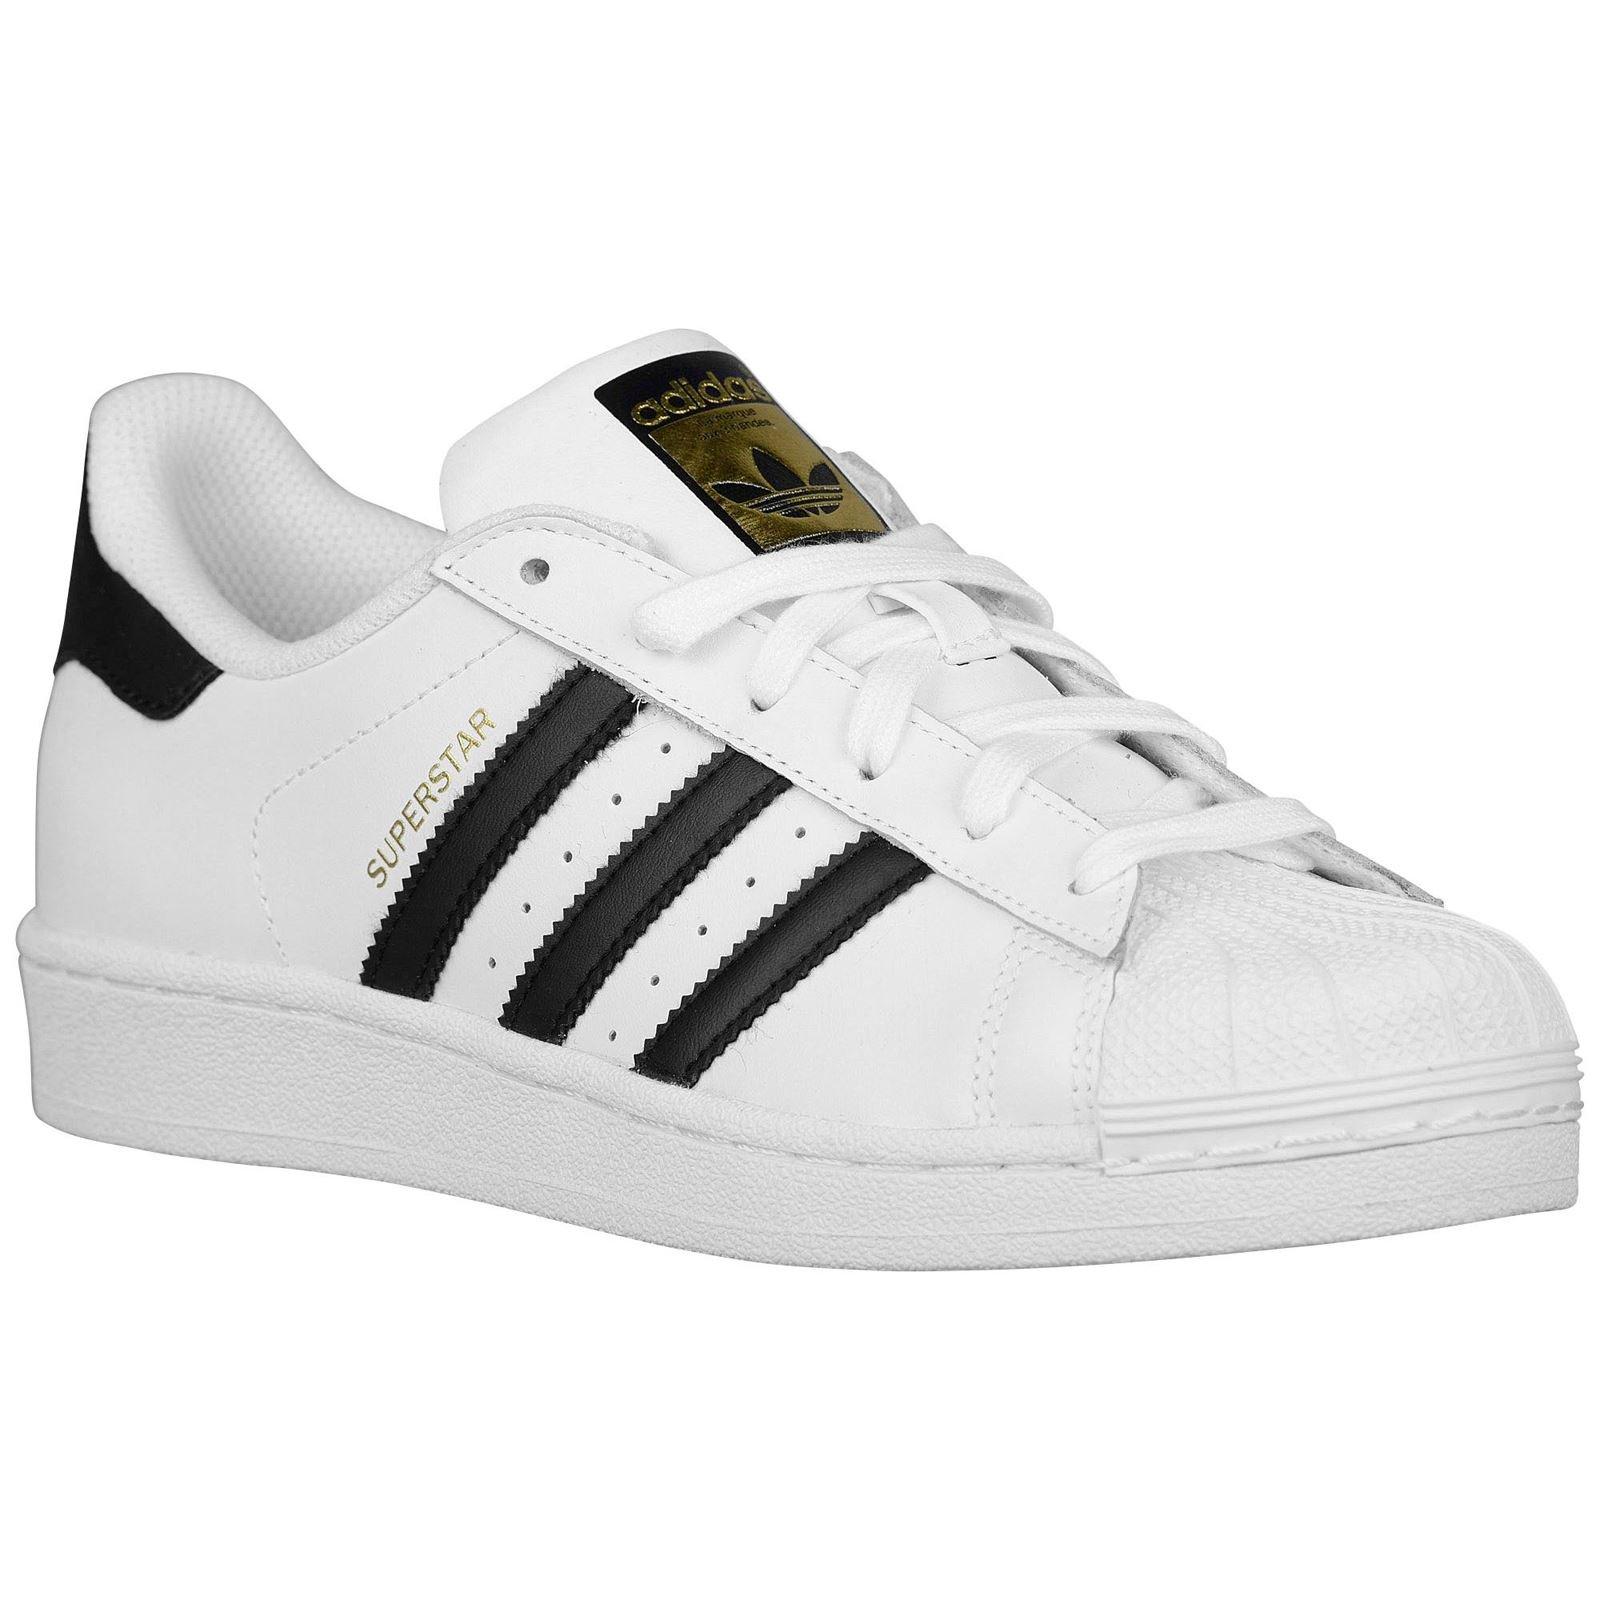 adidas Originals Women's Superstar W Fashion Sneaker, White/Black/White, 5 M US